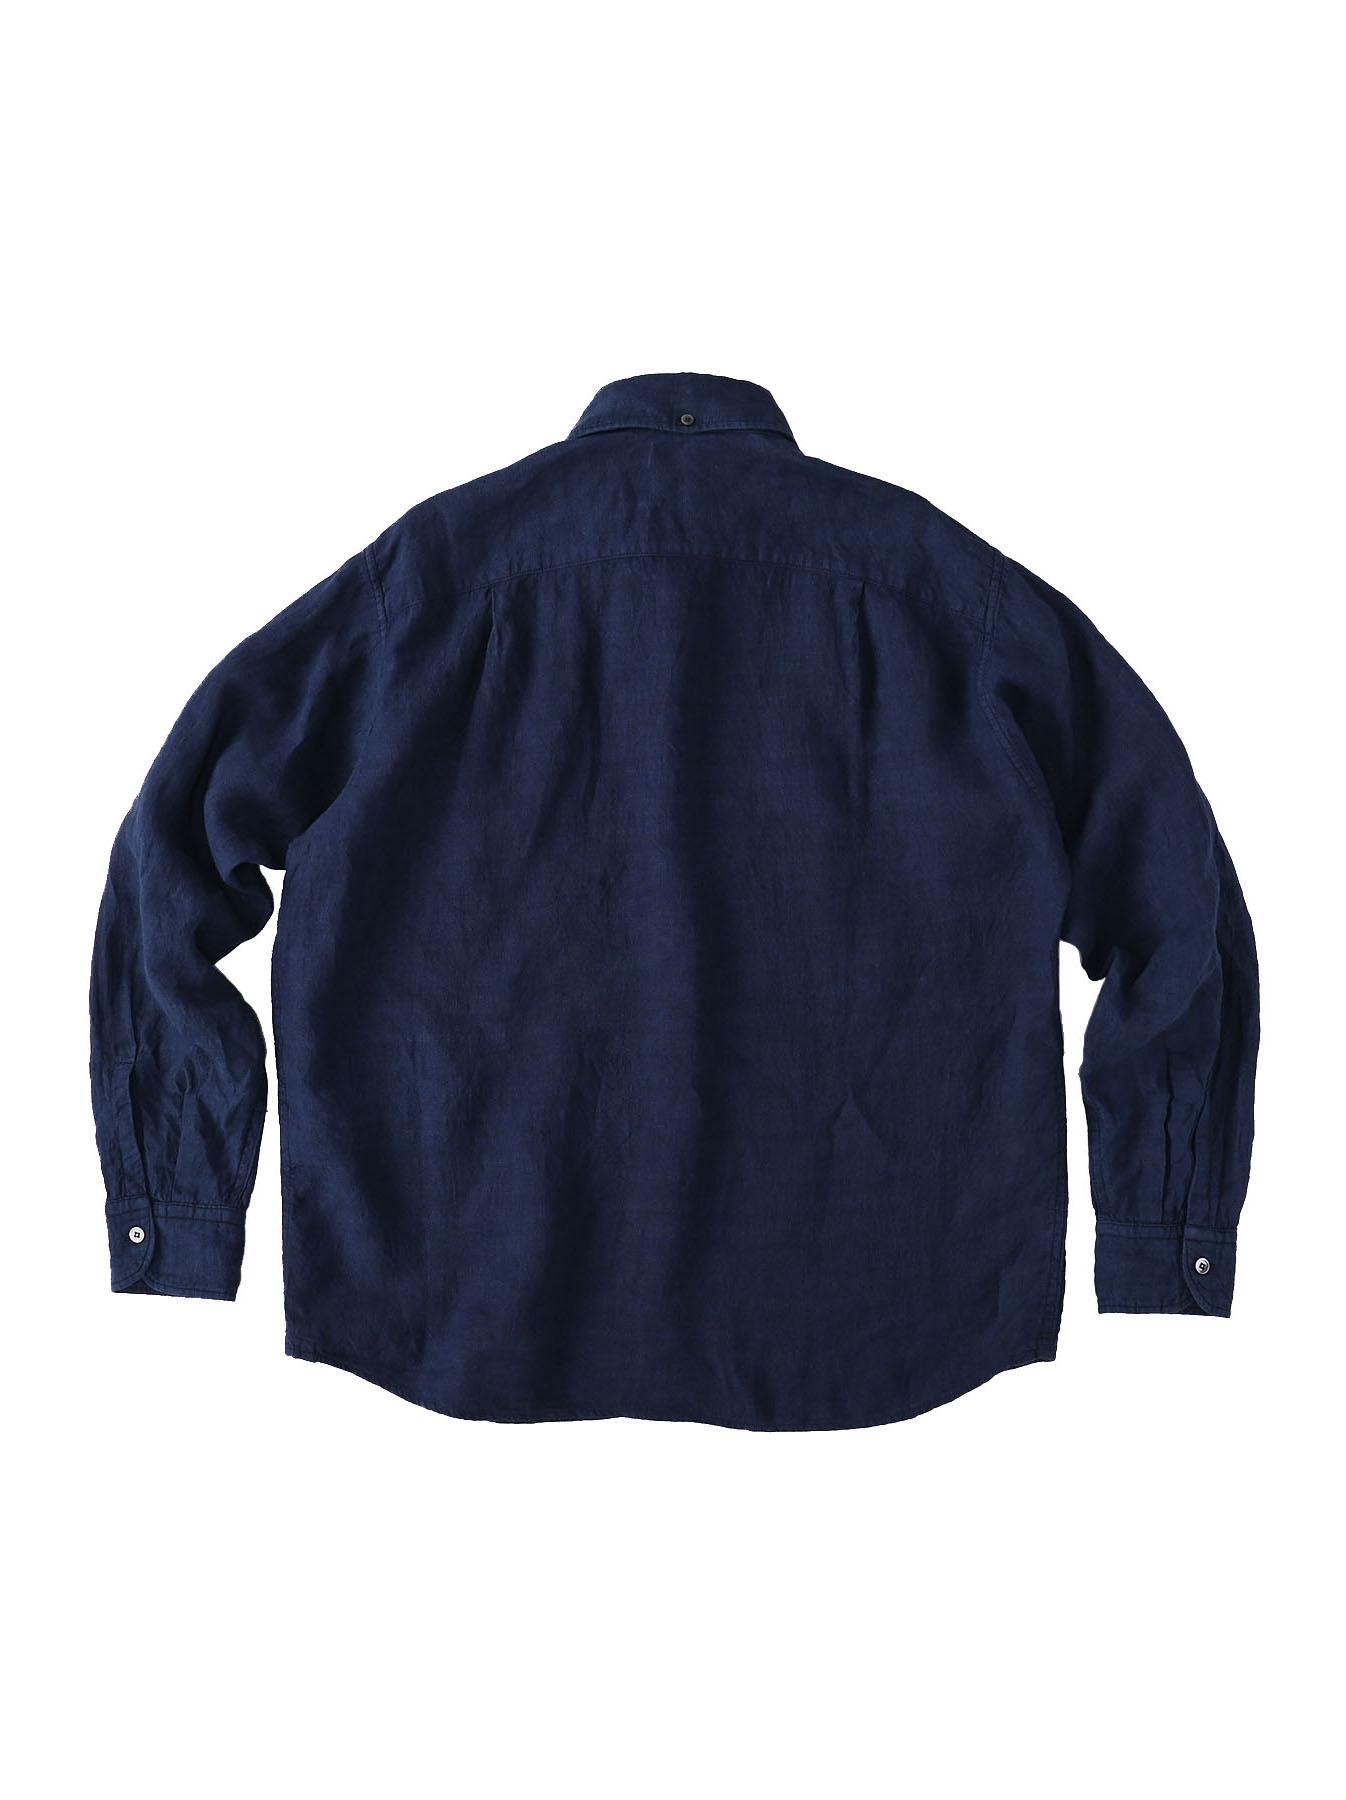 Indigo Indian Linen Flat 908 Ocean Shirt (0521)-6